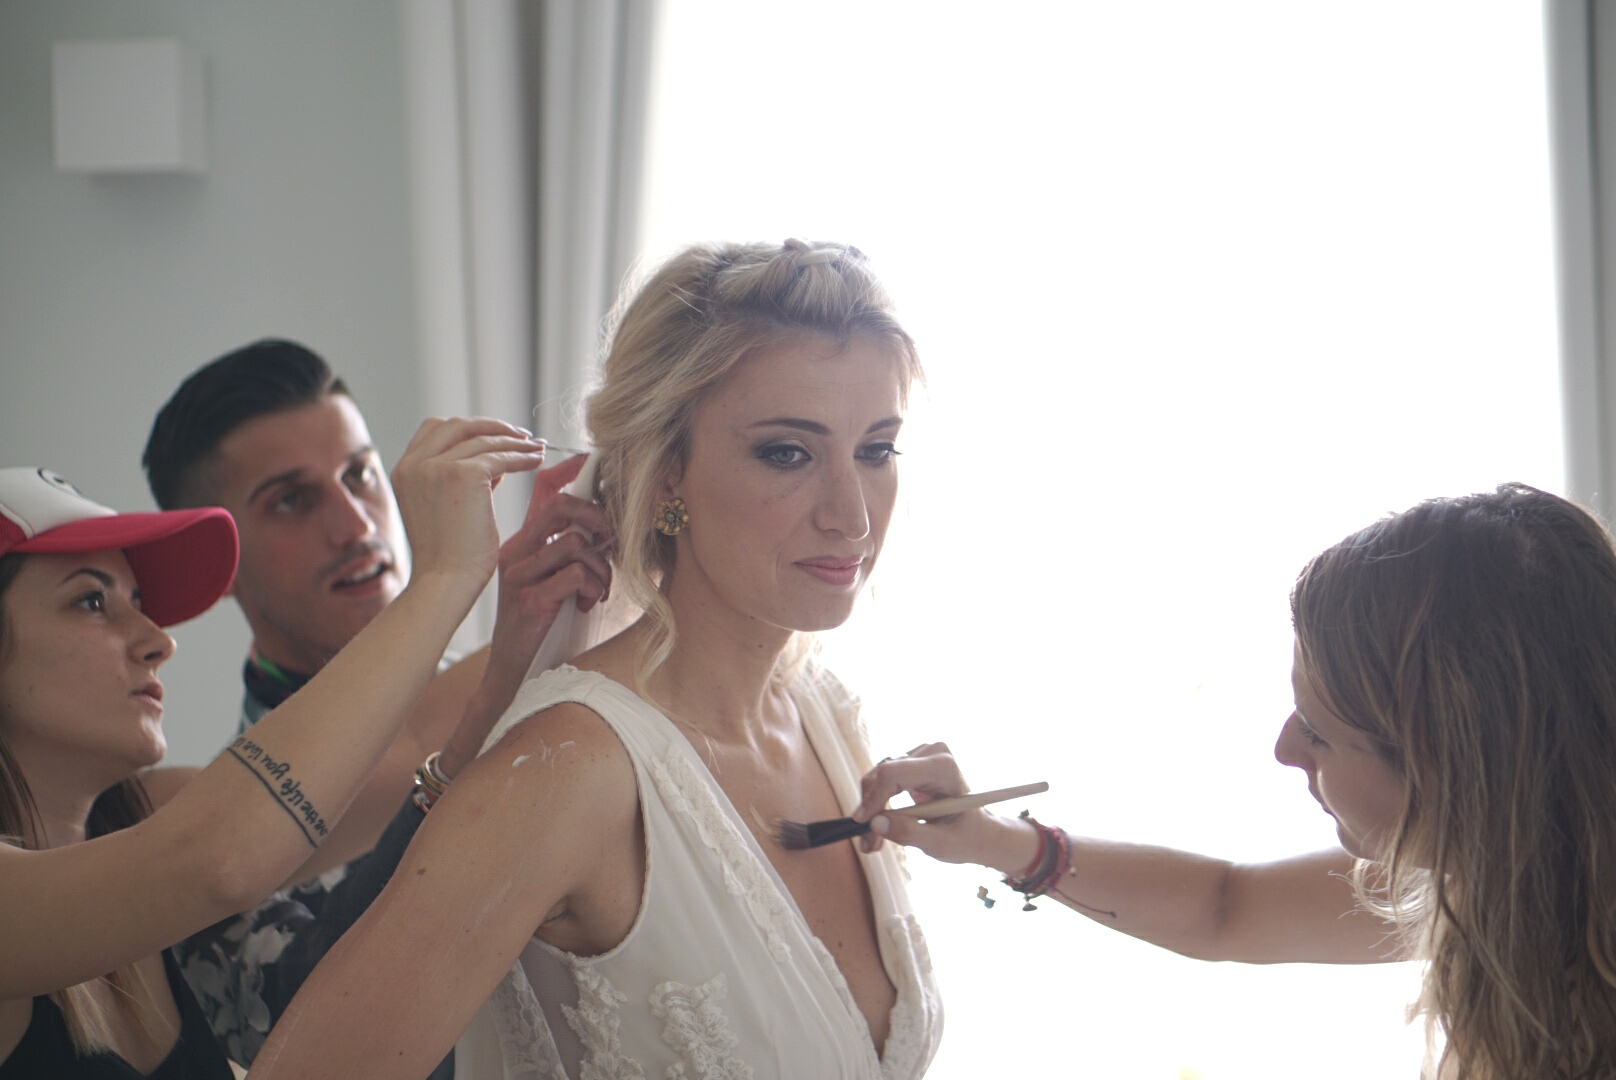 Η νύφη, Μυρτώ Κάζη μαζί με τους Κωνσταντίνα Μιχοπάνου στο make up, Σπύρο Σαββίνο στις στυλιστικές λεπτομέρειες και Μάρω Σούμπαση του 23 Hair Creations στα μαλλιά.